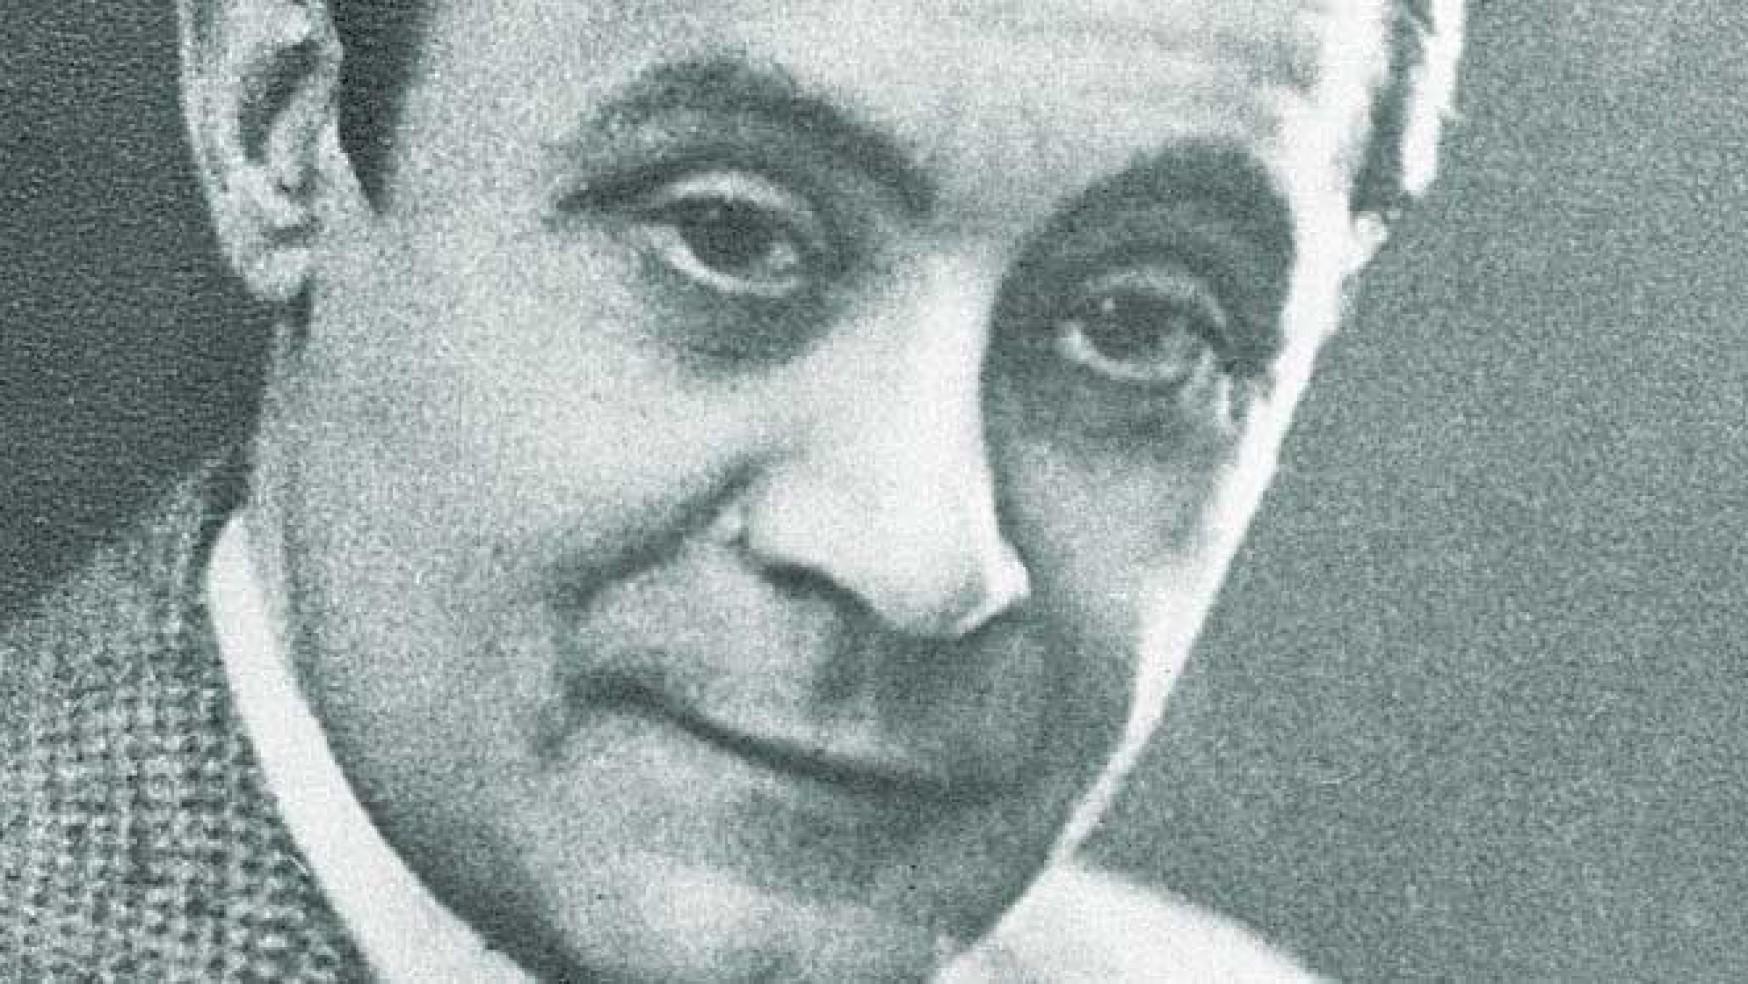 Biografía de Enrique Jardiel Poncela